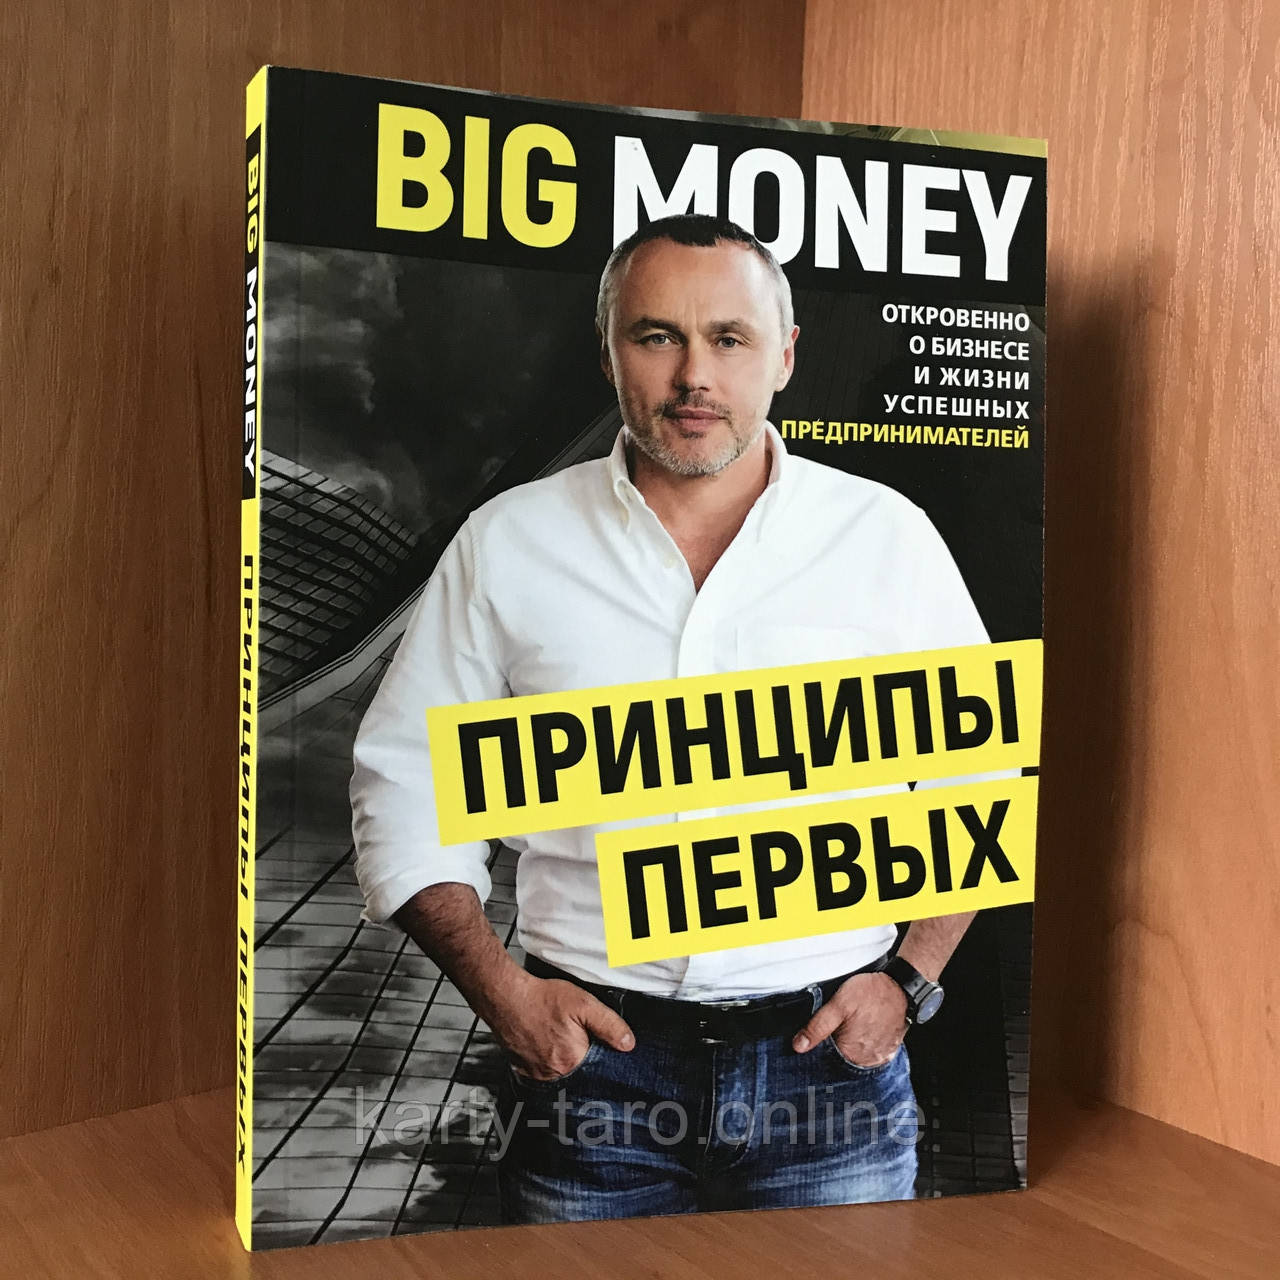 Книга Big money. Принципи перше. Відверто про бізнесі і житті успішних підприємців - Євген Черняк